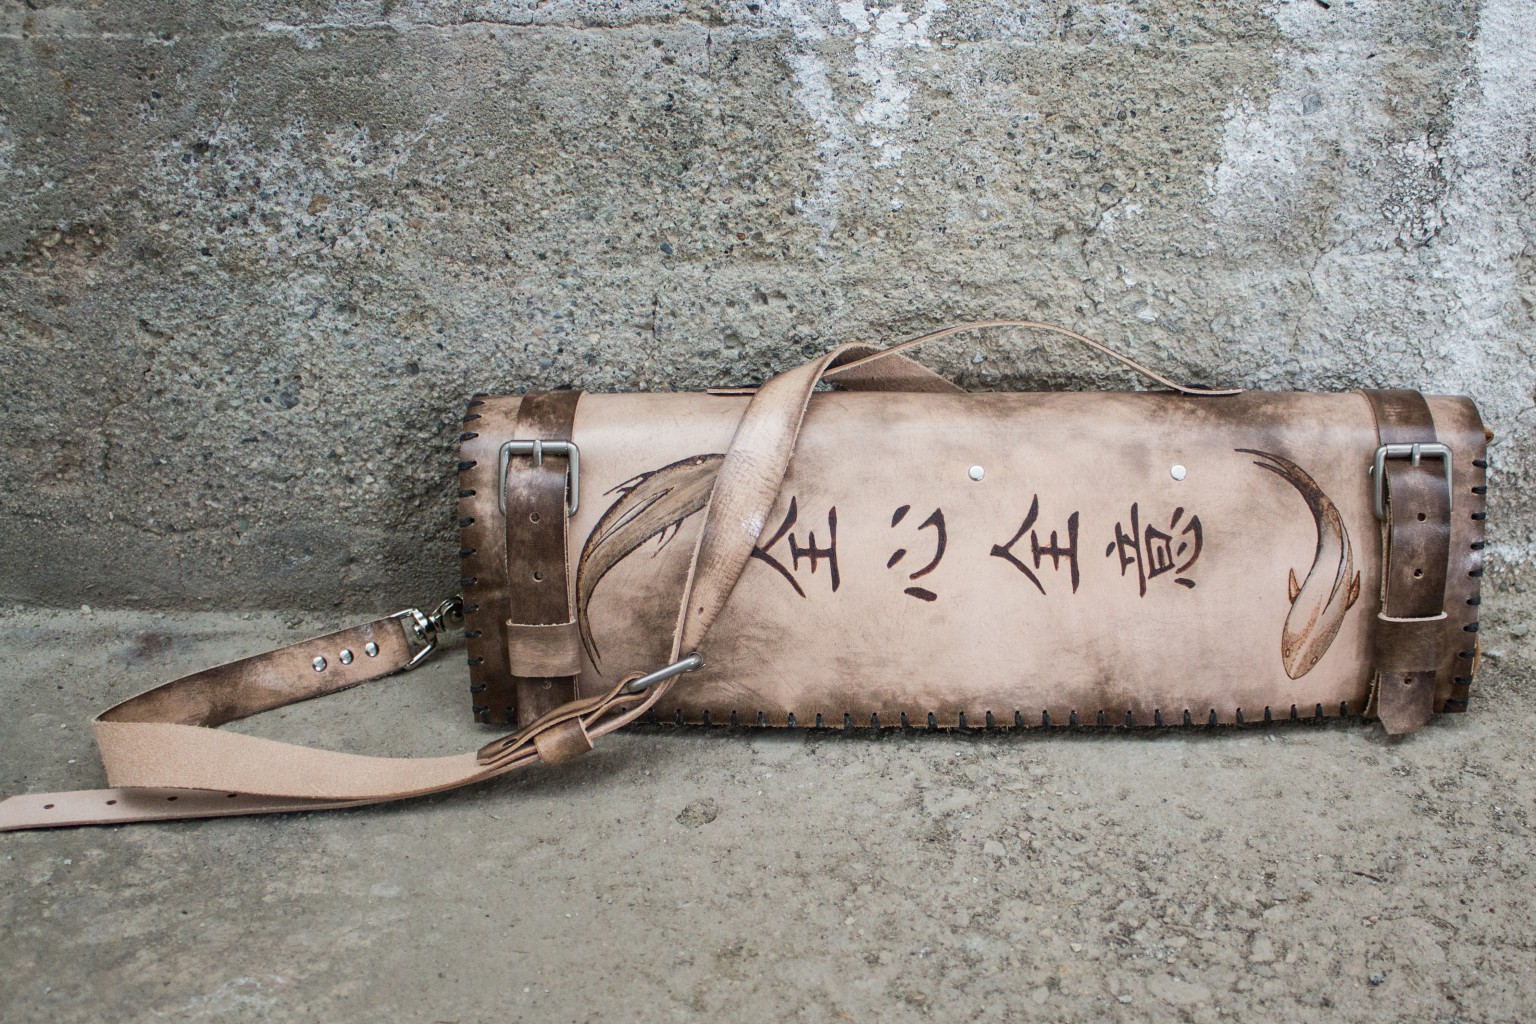 koi-leather-knife-roll-5-e1446189534121.jpg